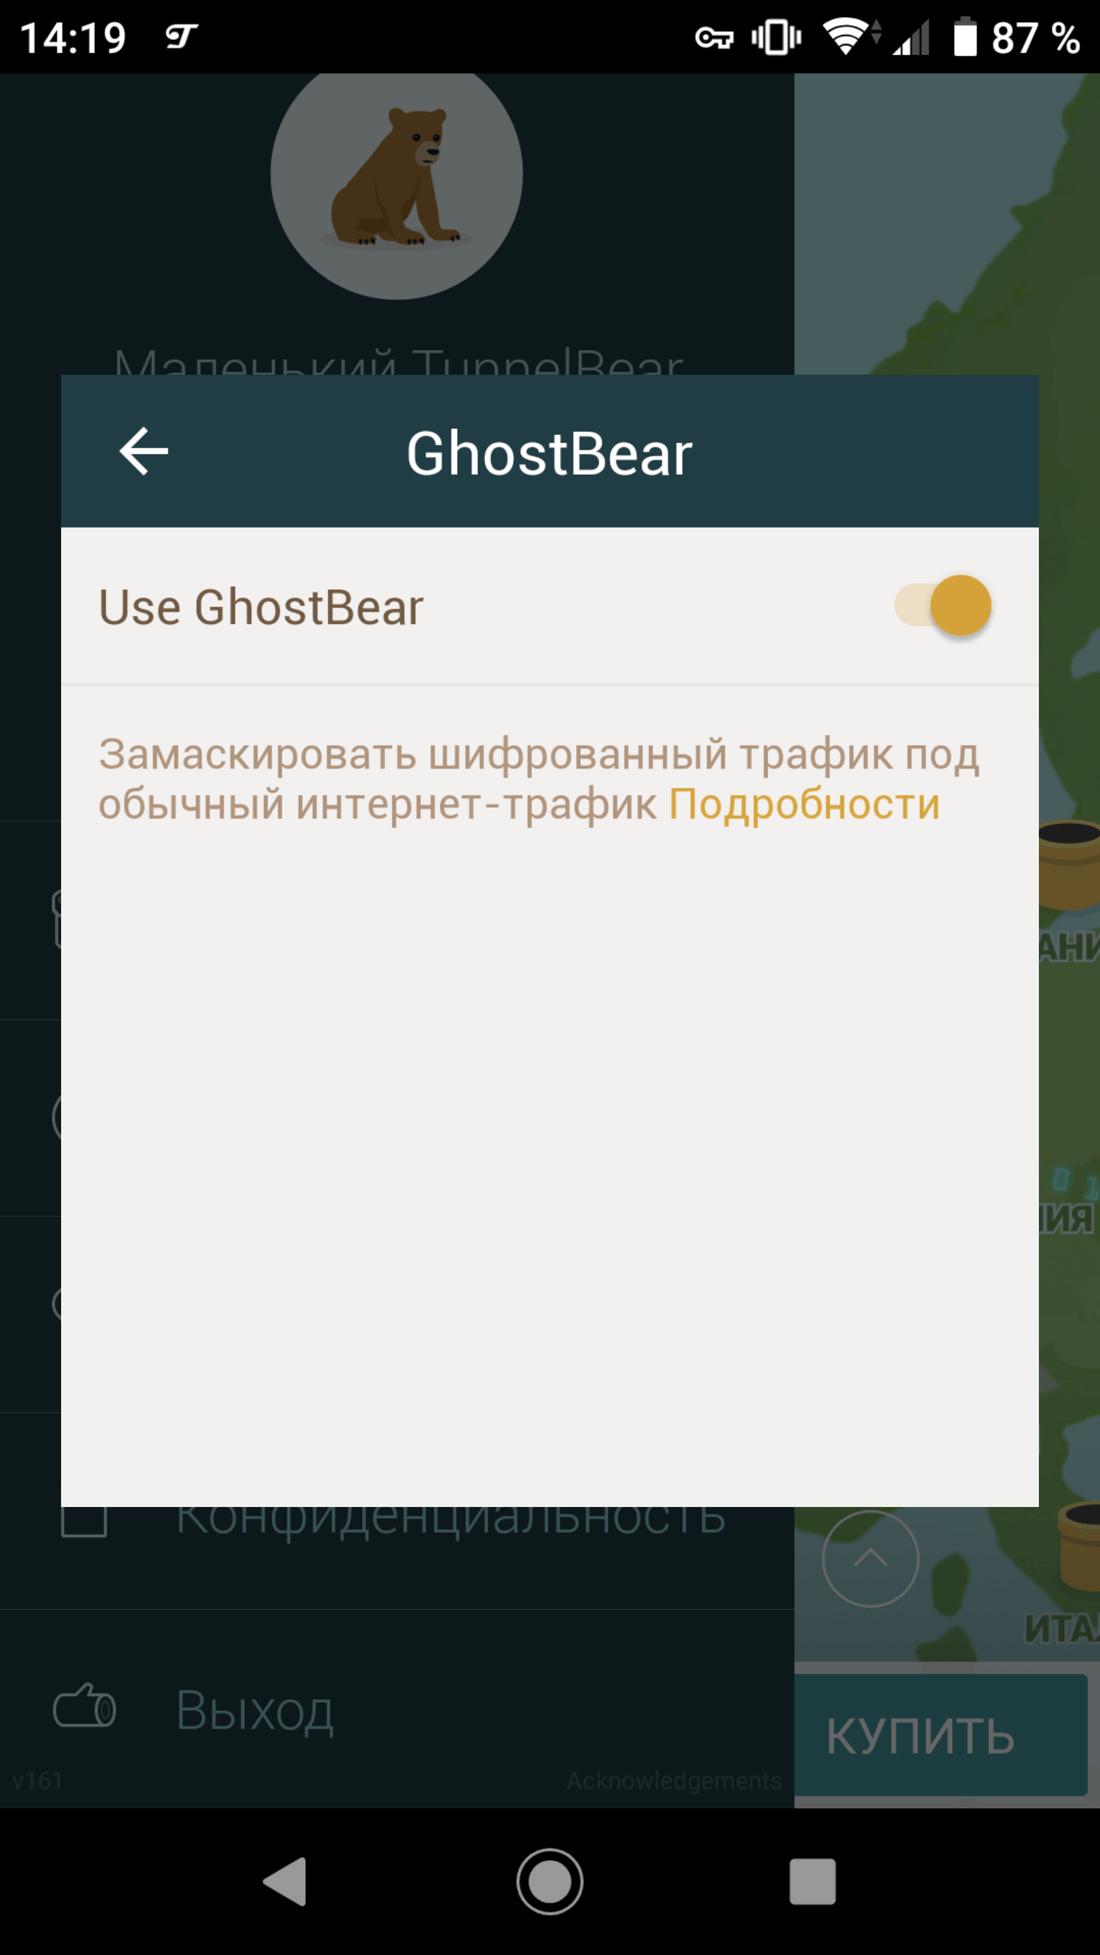 Скриншот #4 из программы TunnelBear VPN